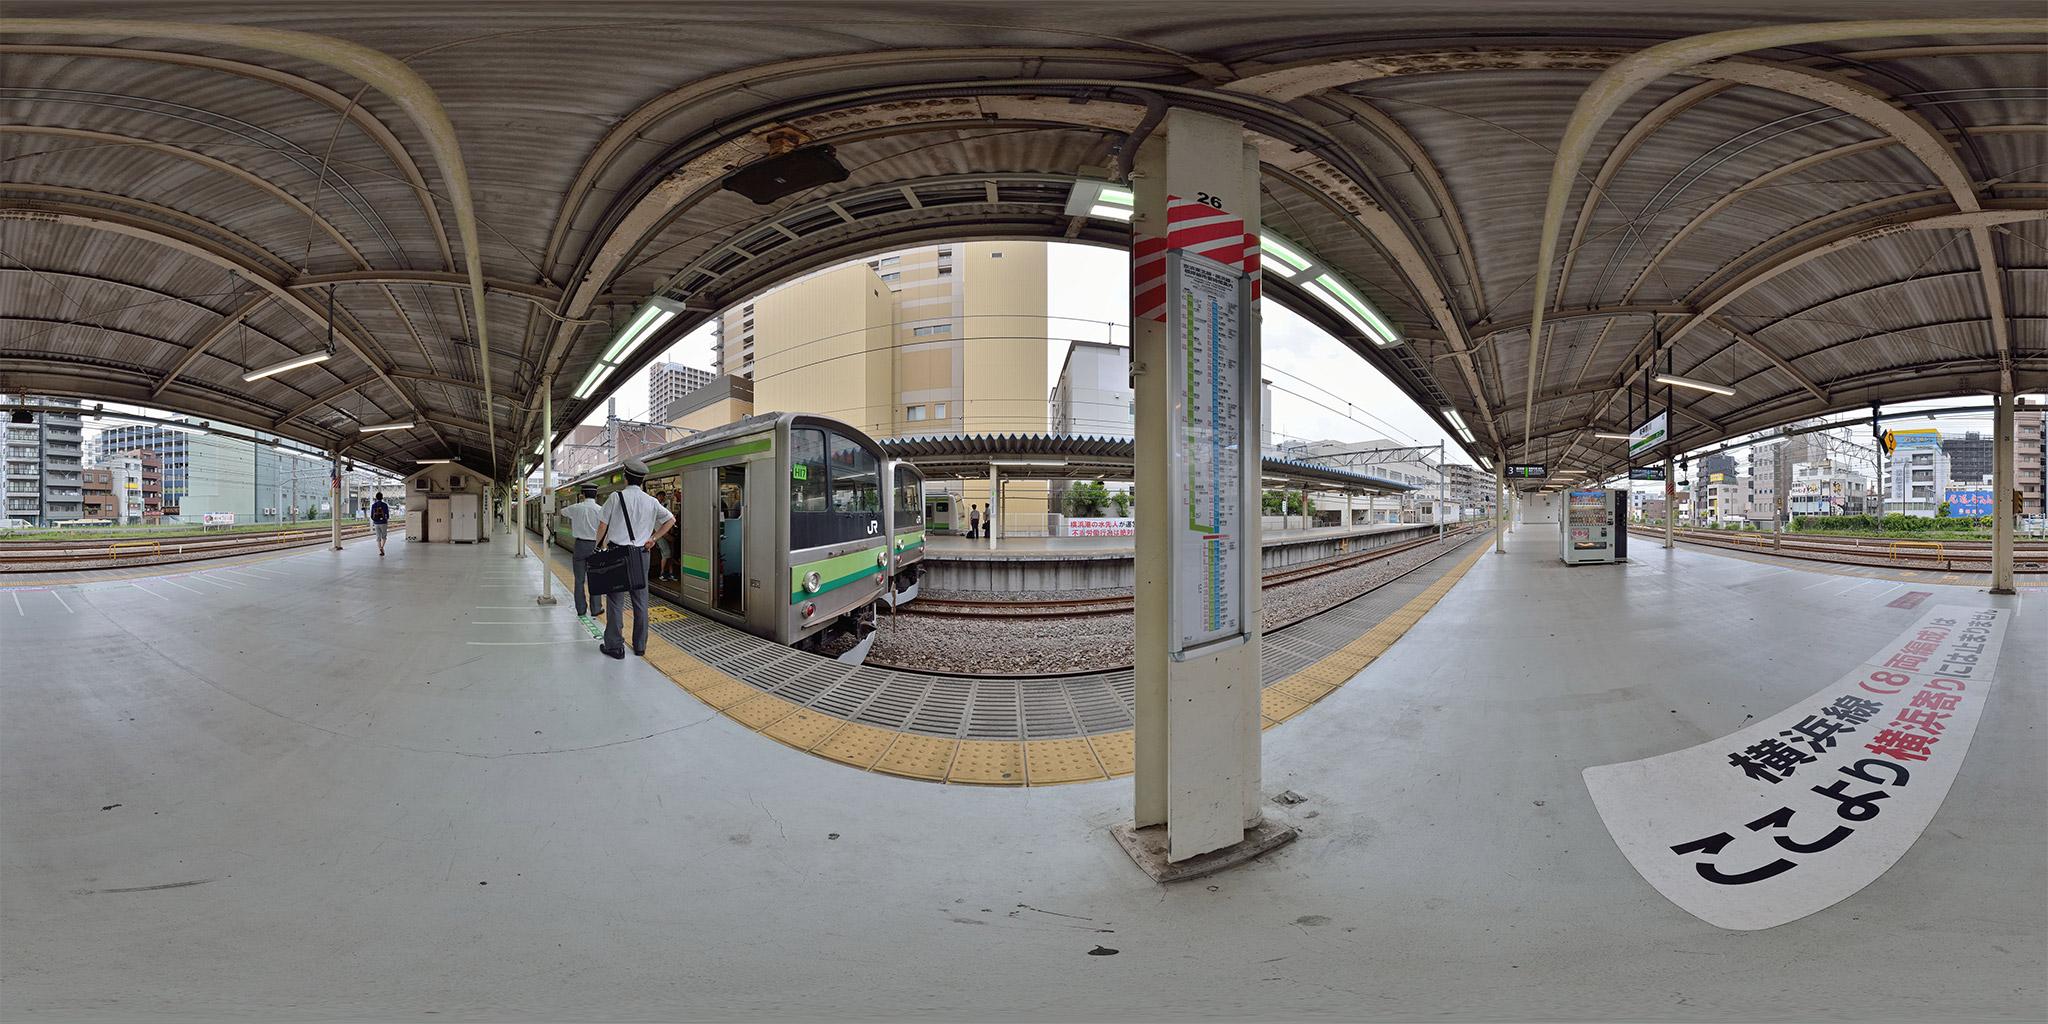 横浜線新旧交代205系とE233系